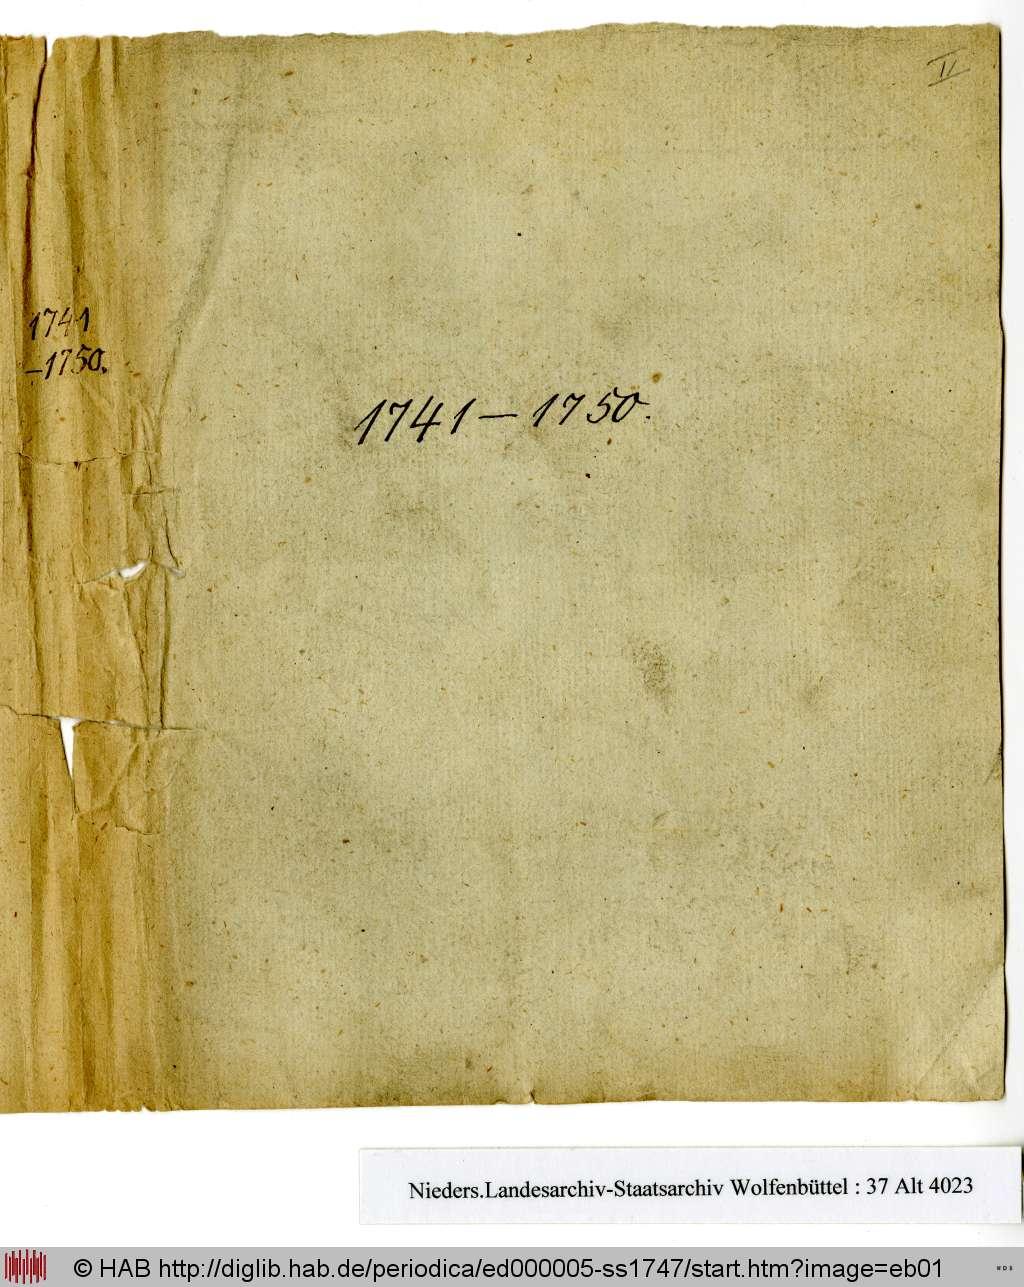 http://diglib.hab.de/periodica/ed000005-ss1747/eb01.jpg